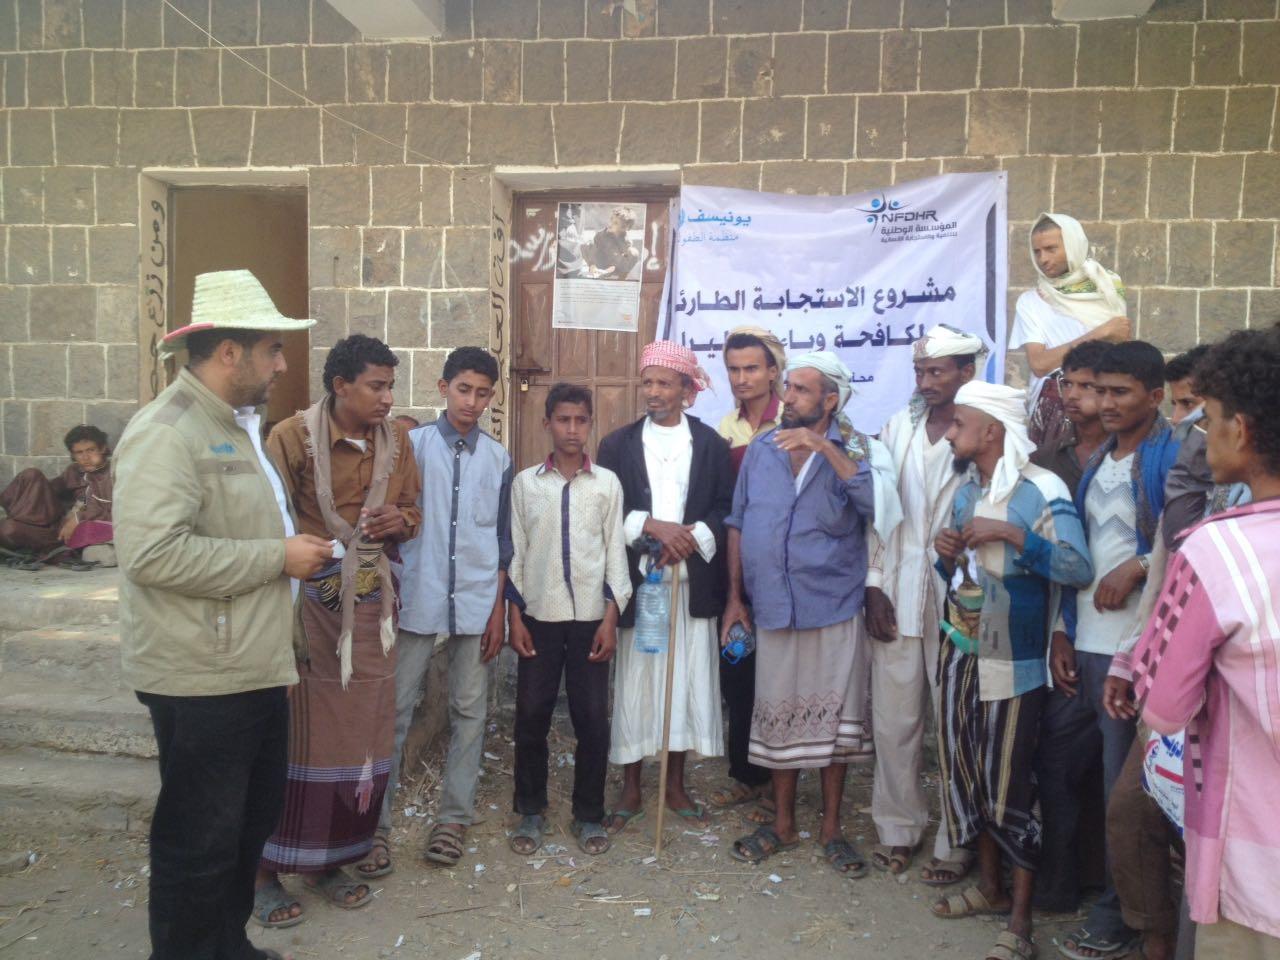 مشروع الاستجابة الطارئة لمكافحة وباء الكوليرا (صنعاء - ذمار - البيضاء)